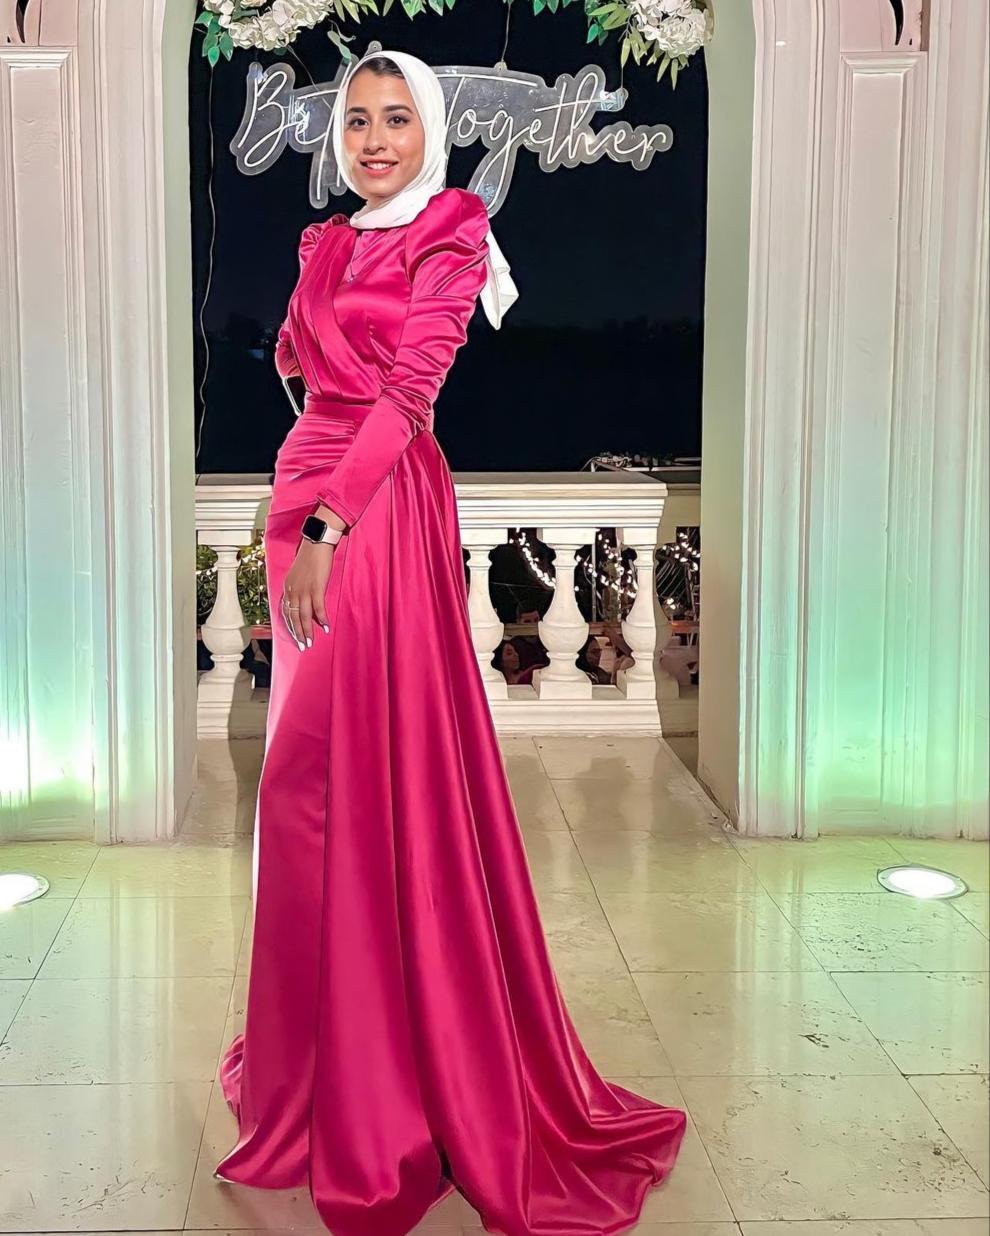 8 مروة بفستان أحمر للنحيلات -الصورة من حسابها على الانستغرام